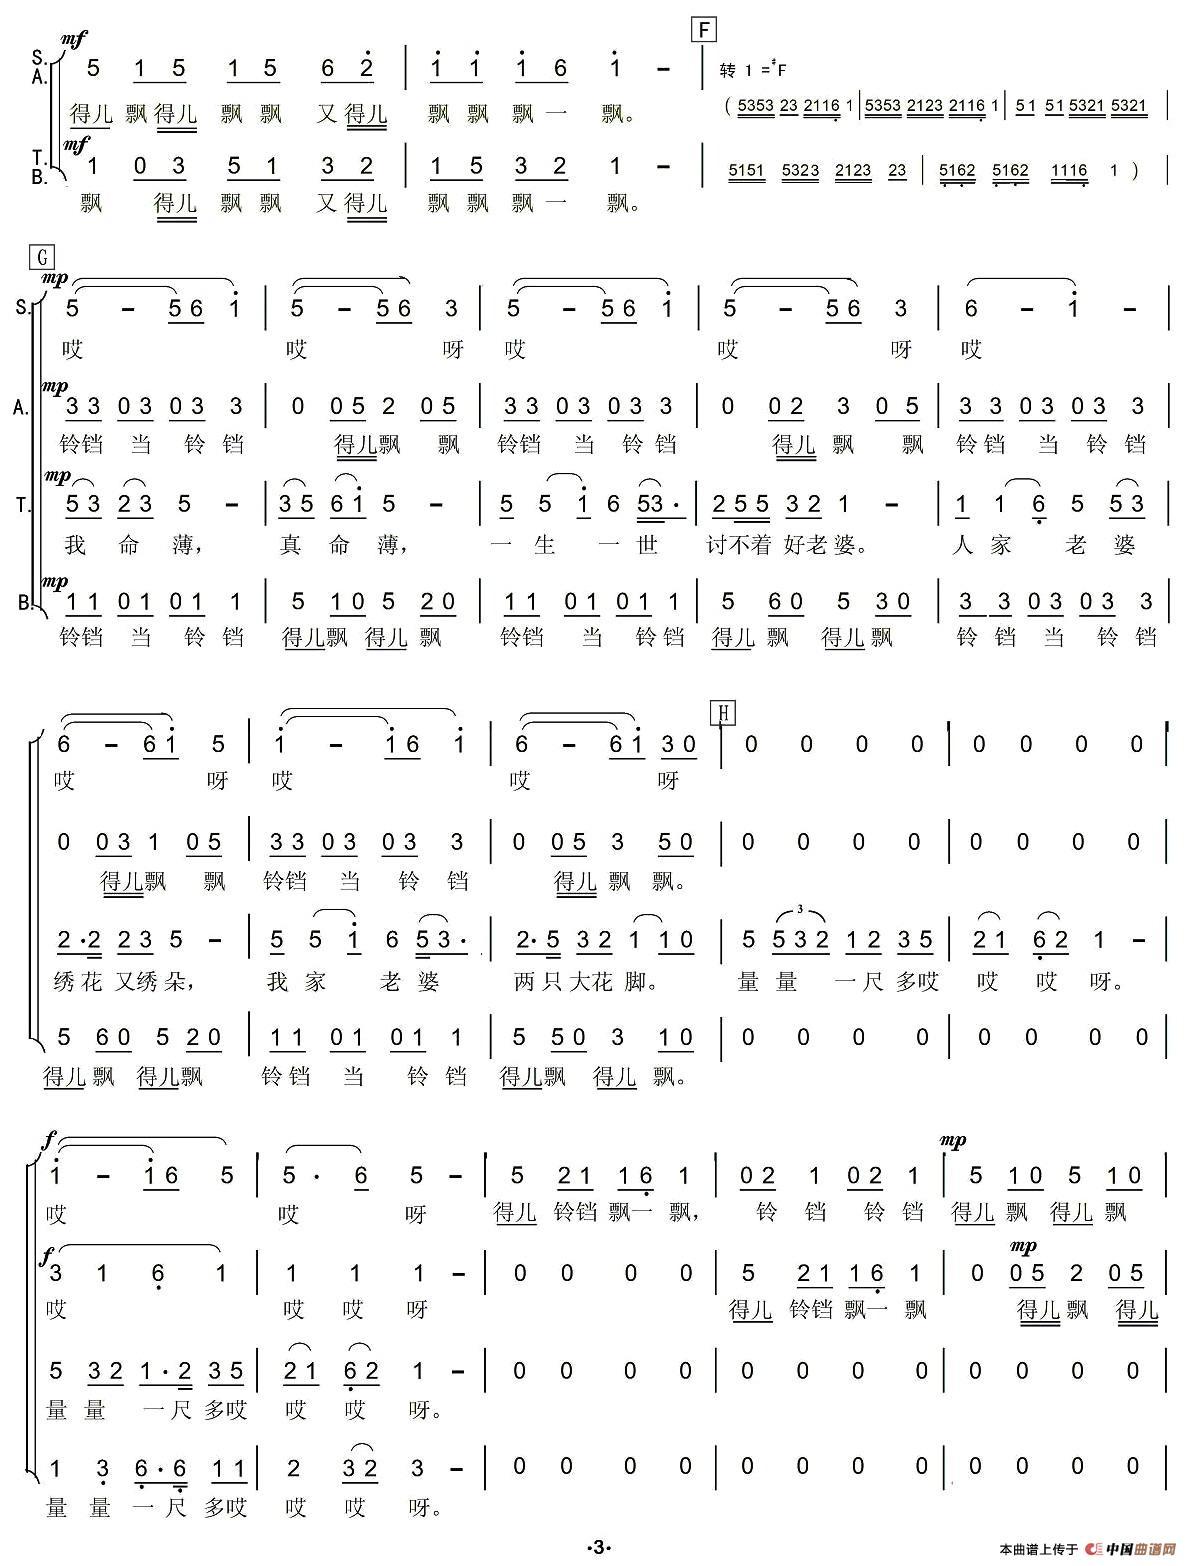 凤阳花鼓简谱(江文也编合唱版)